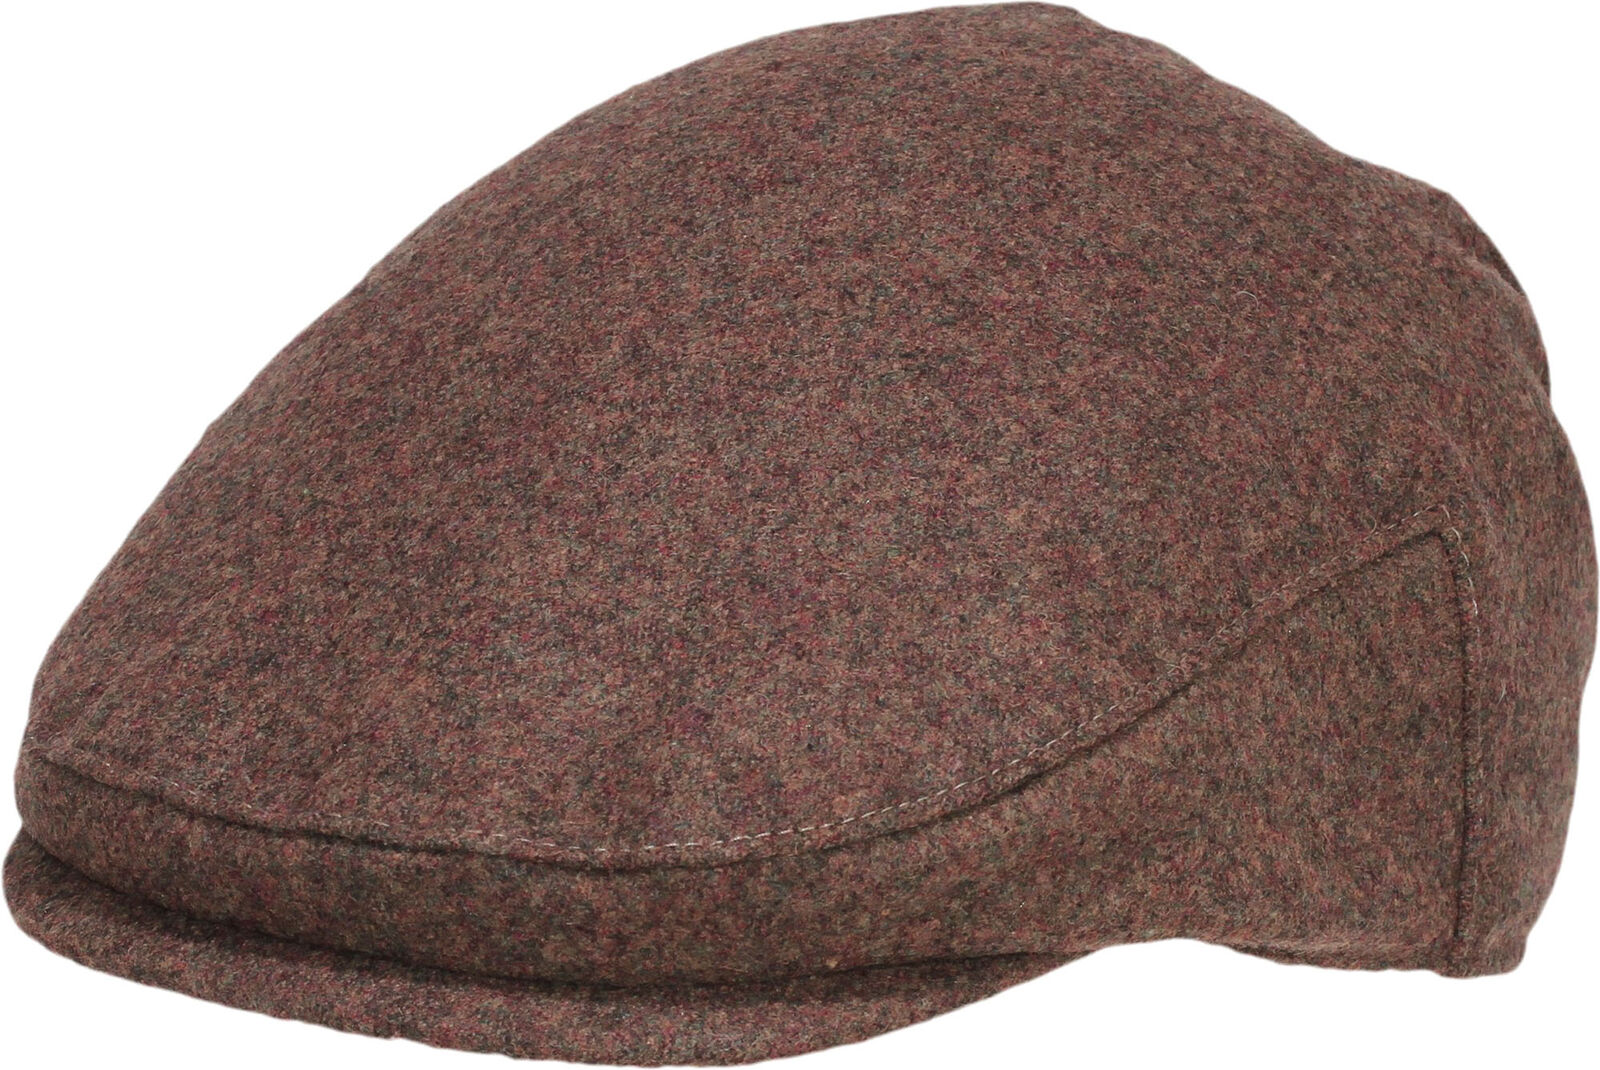 Retro FILZ Wool Vintage FLAT CAP Hat Classic SCHIEBERMÜTZE Braun Rockabilly